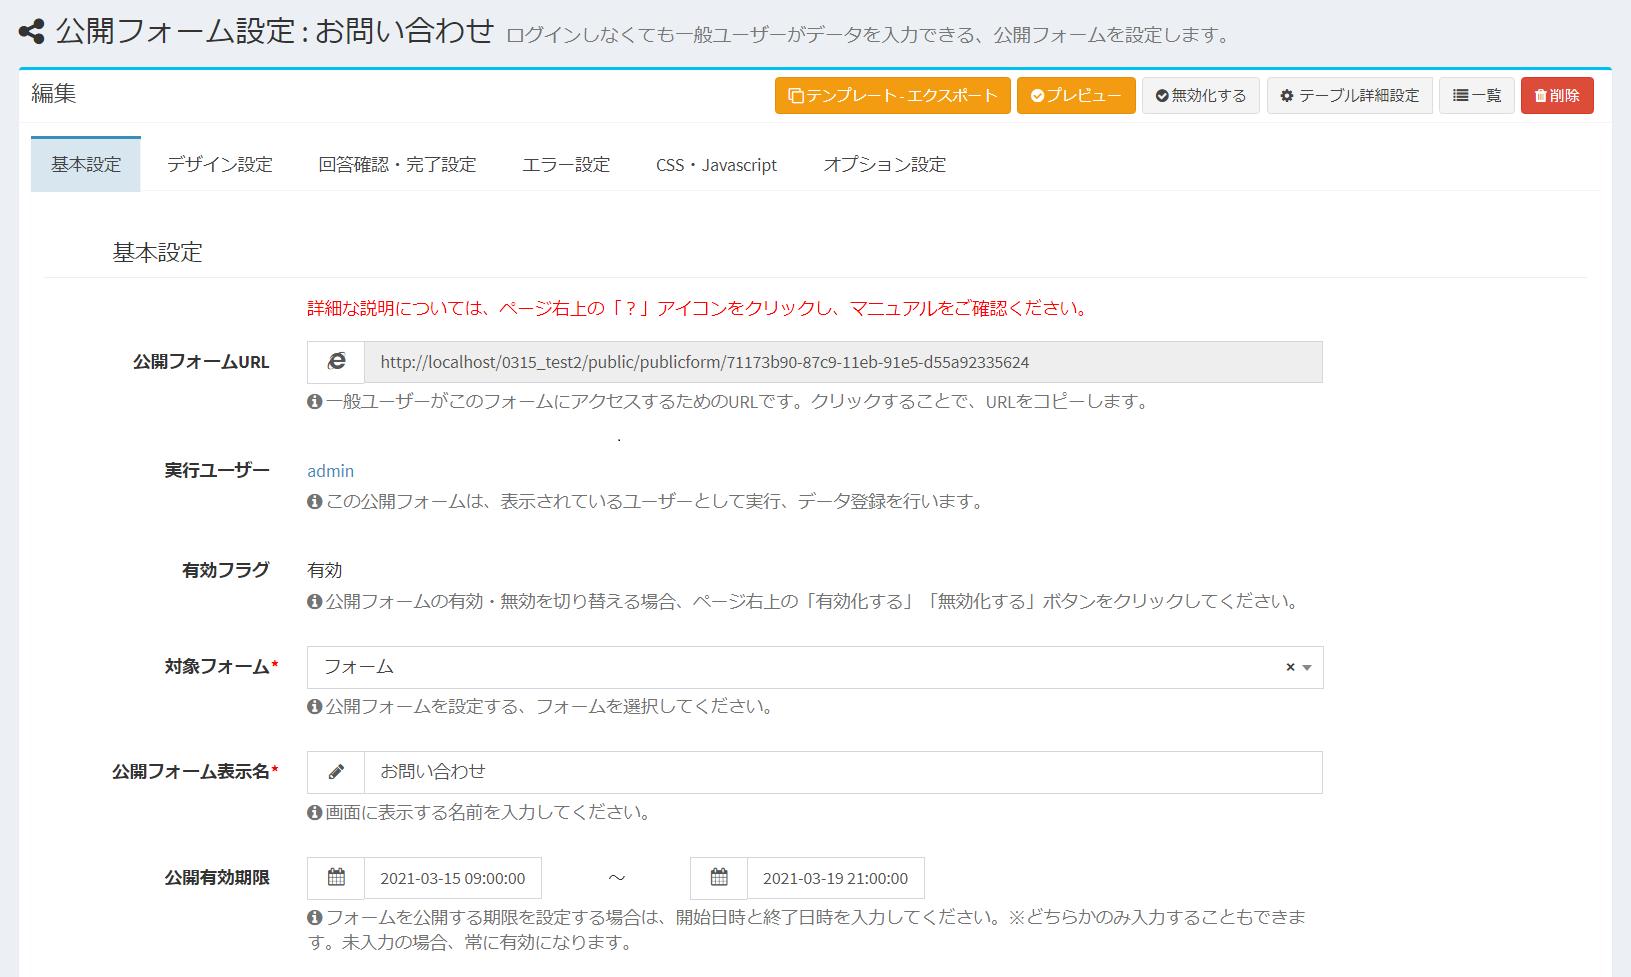 公開フォーム設定画面